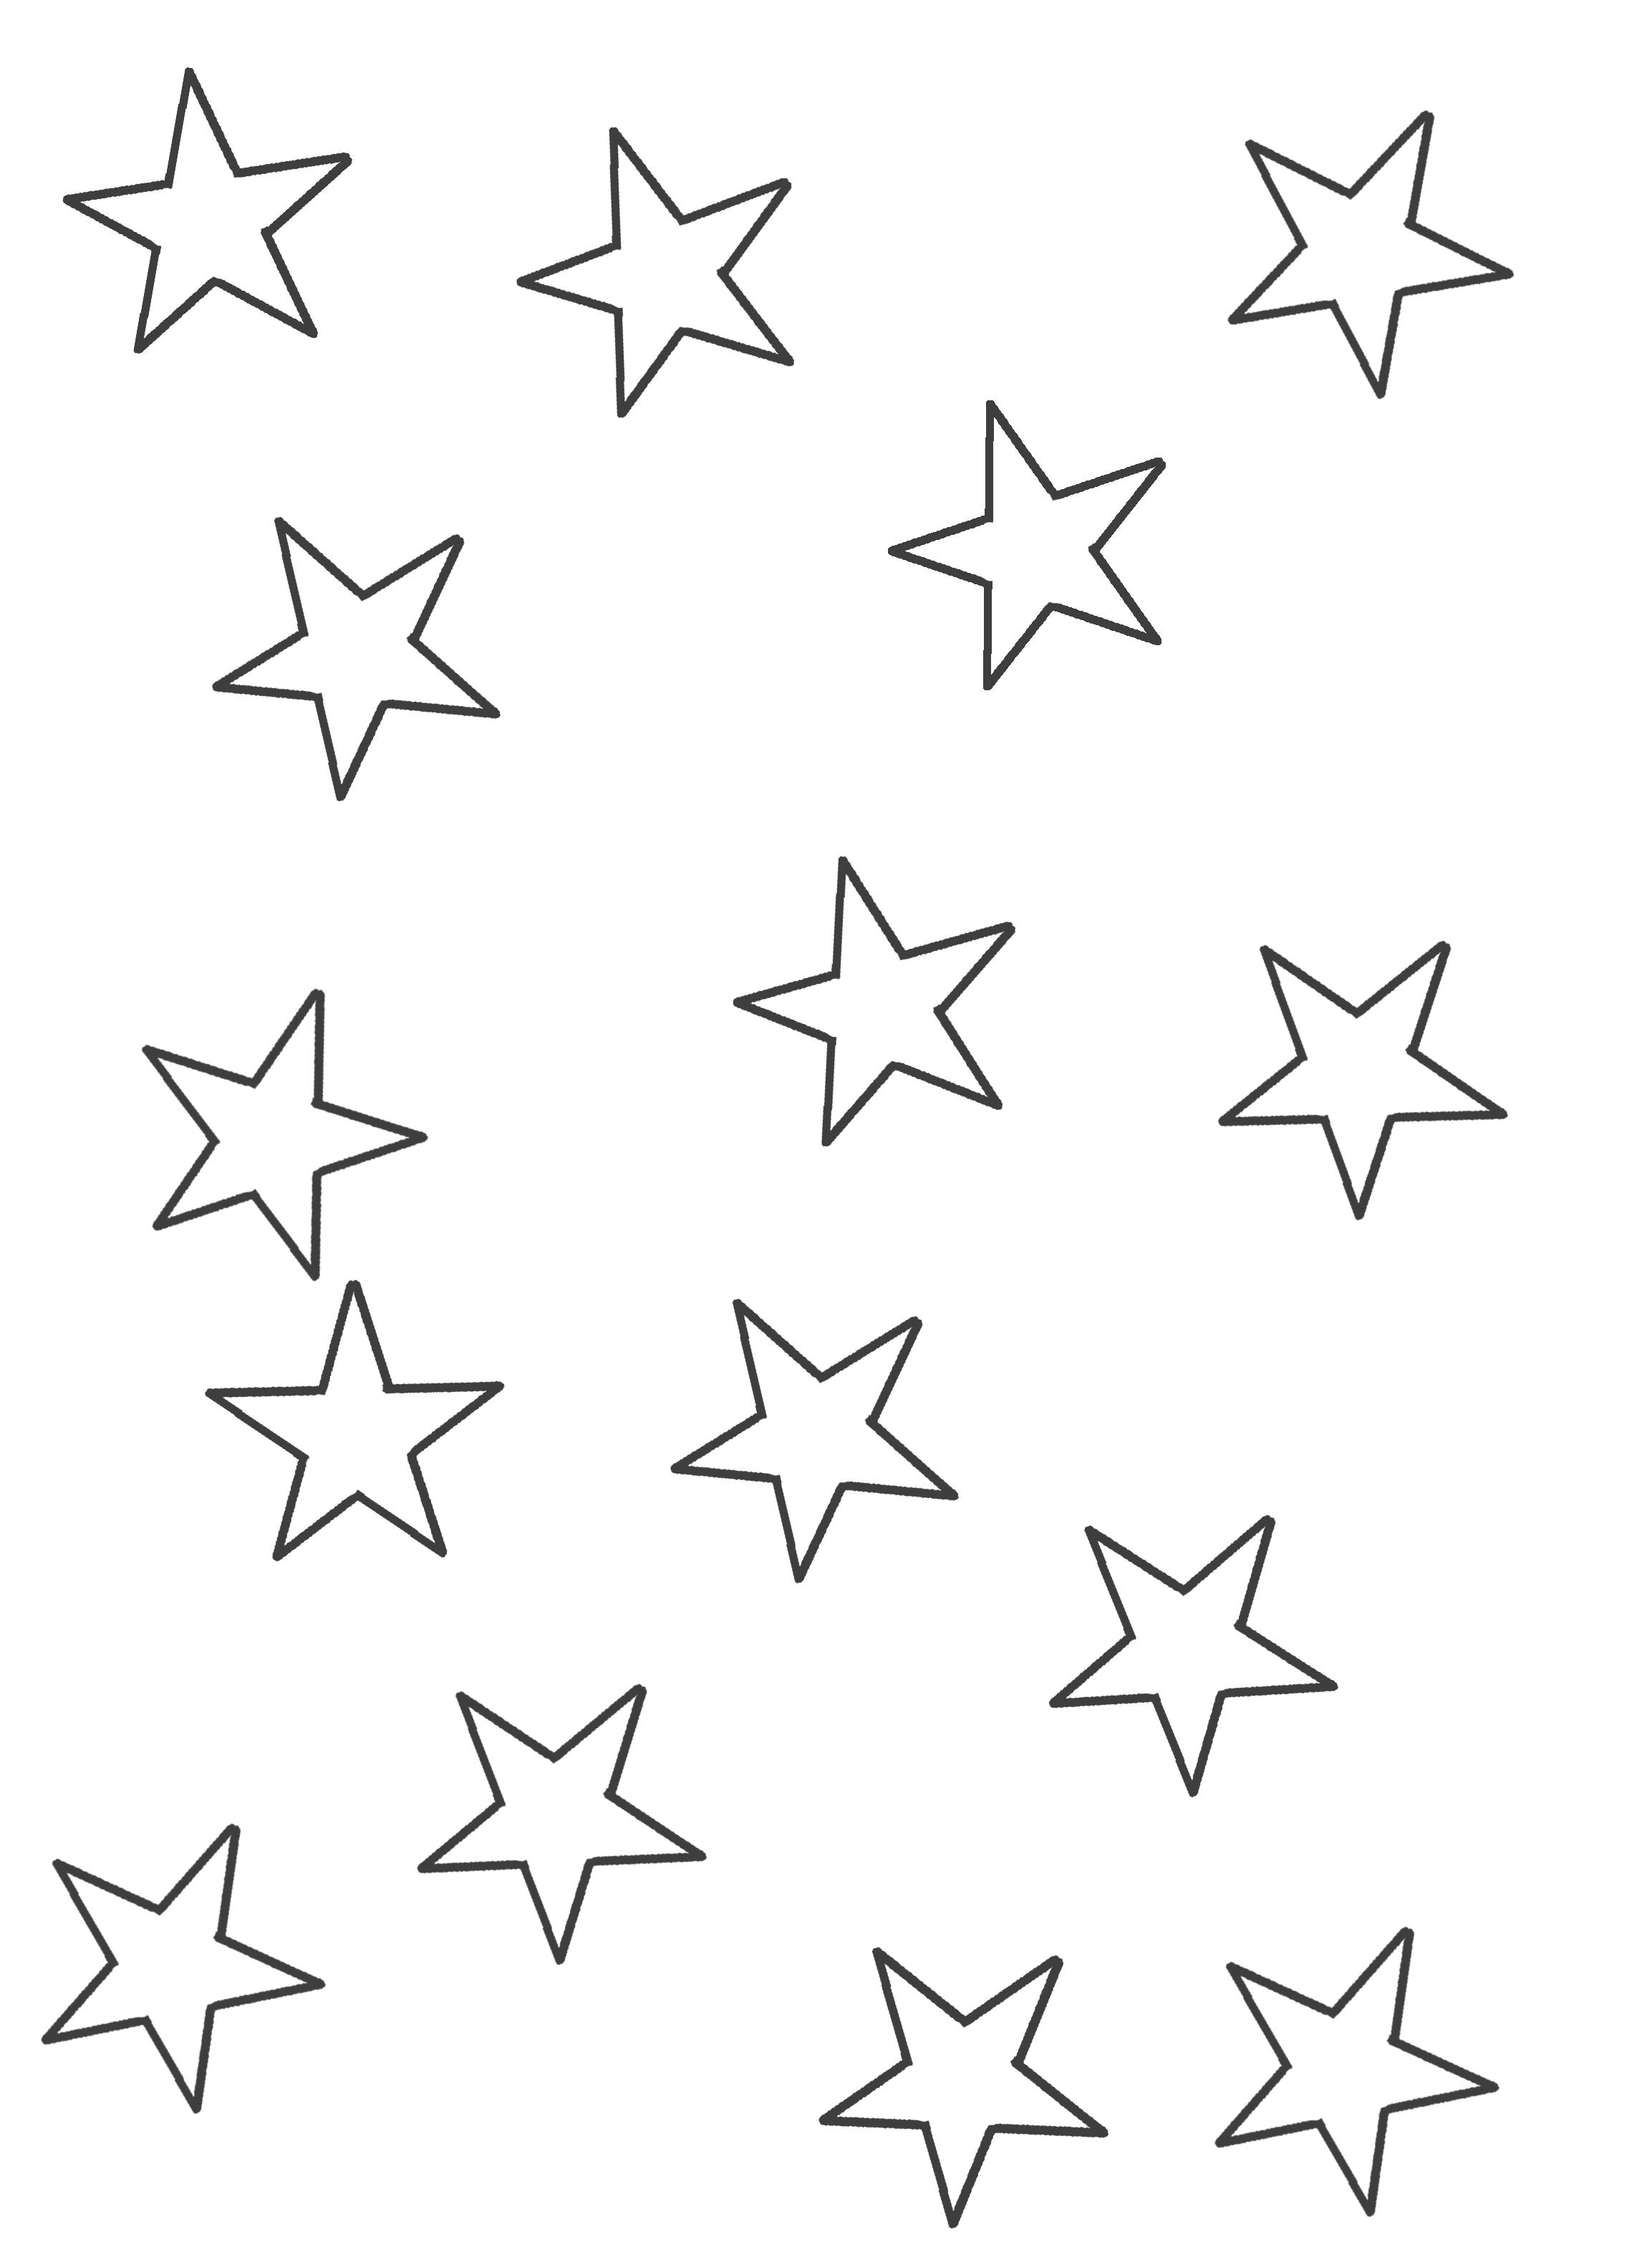 Dibujo De Estrellas Medianas E1554160013371 Estrellas Para